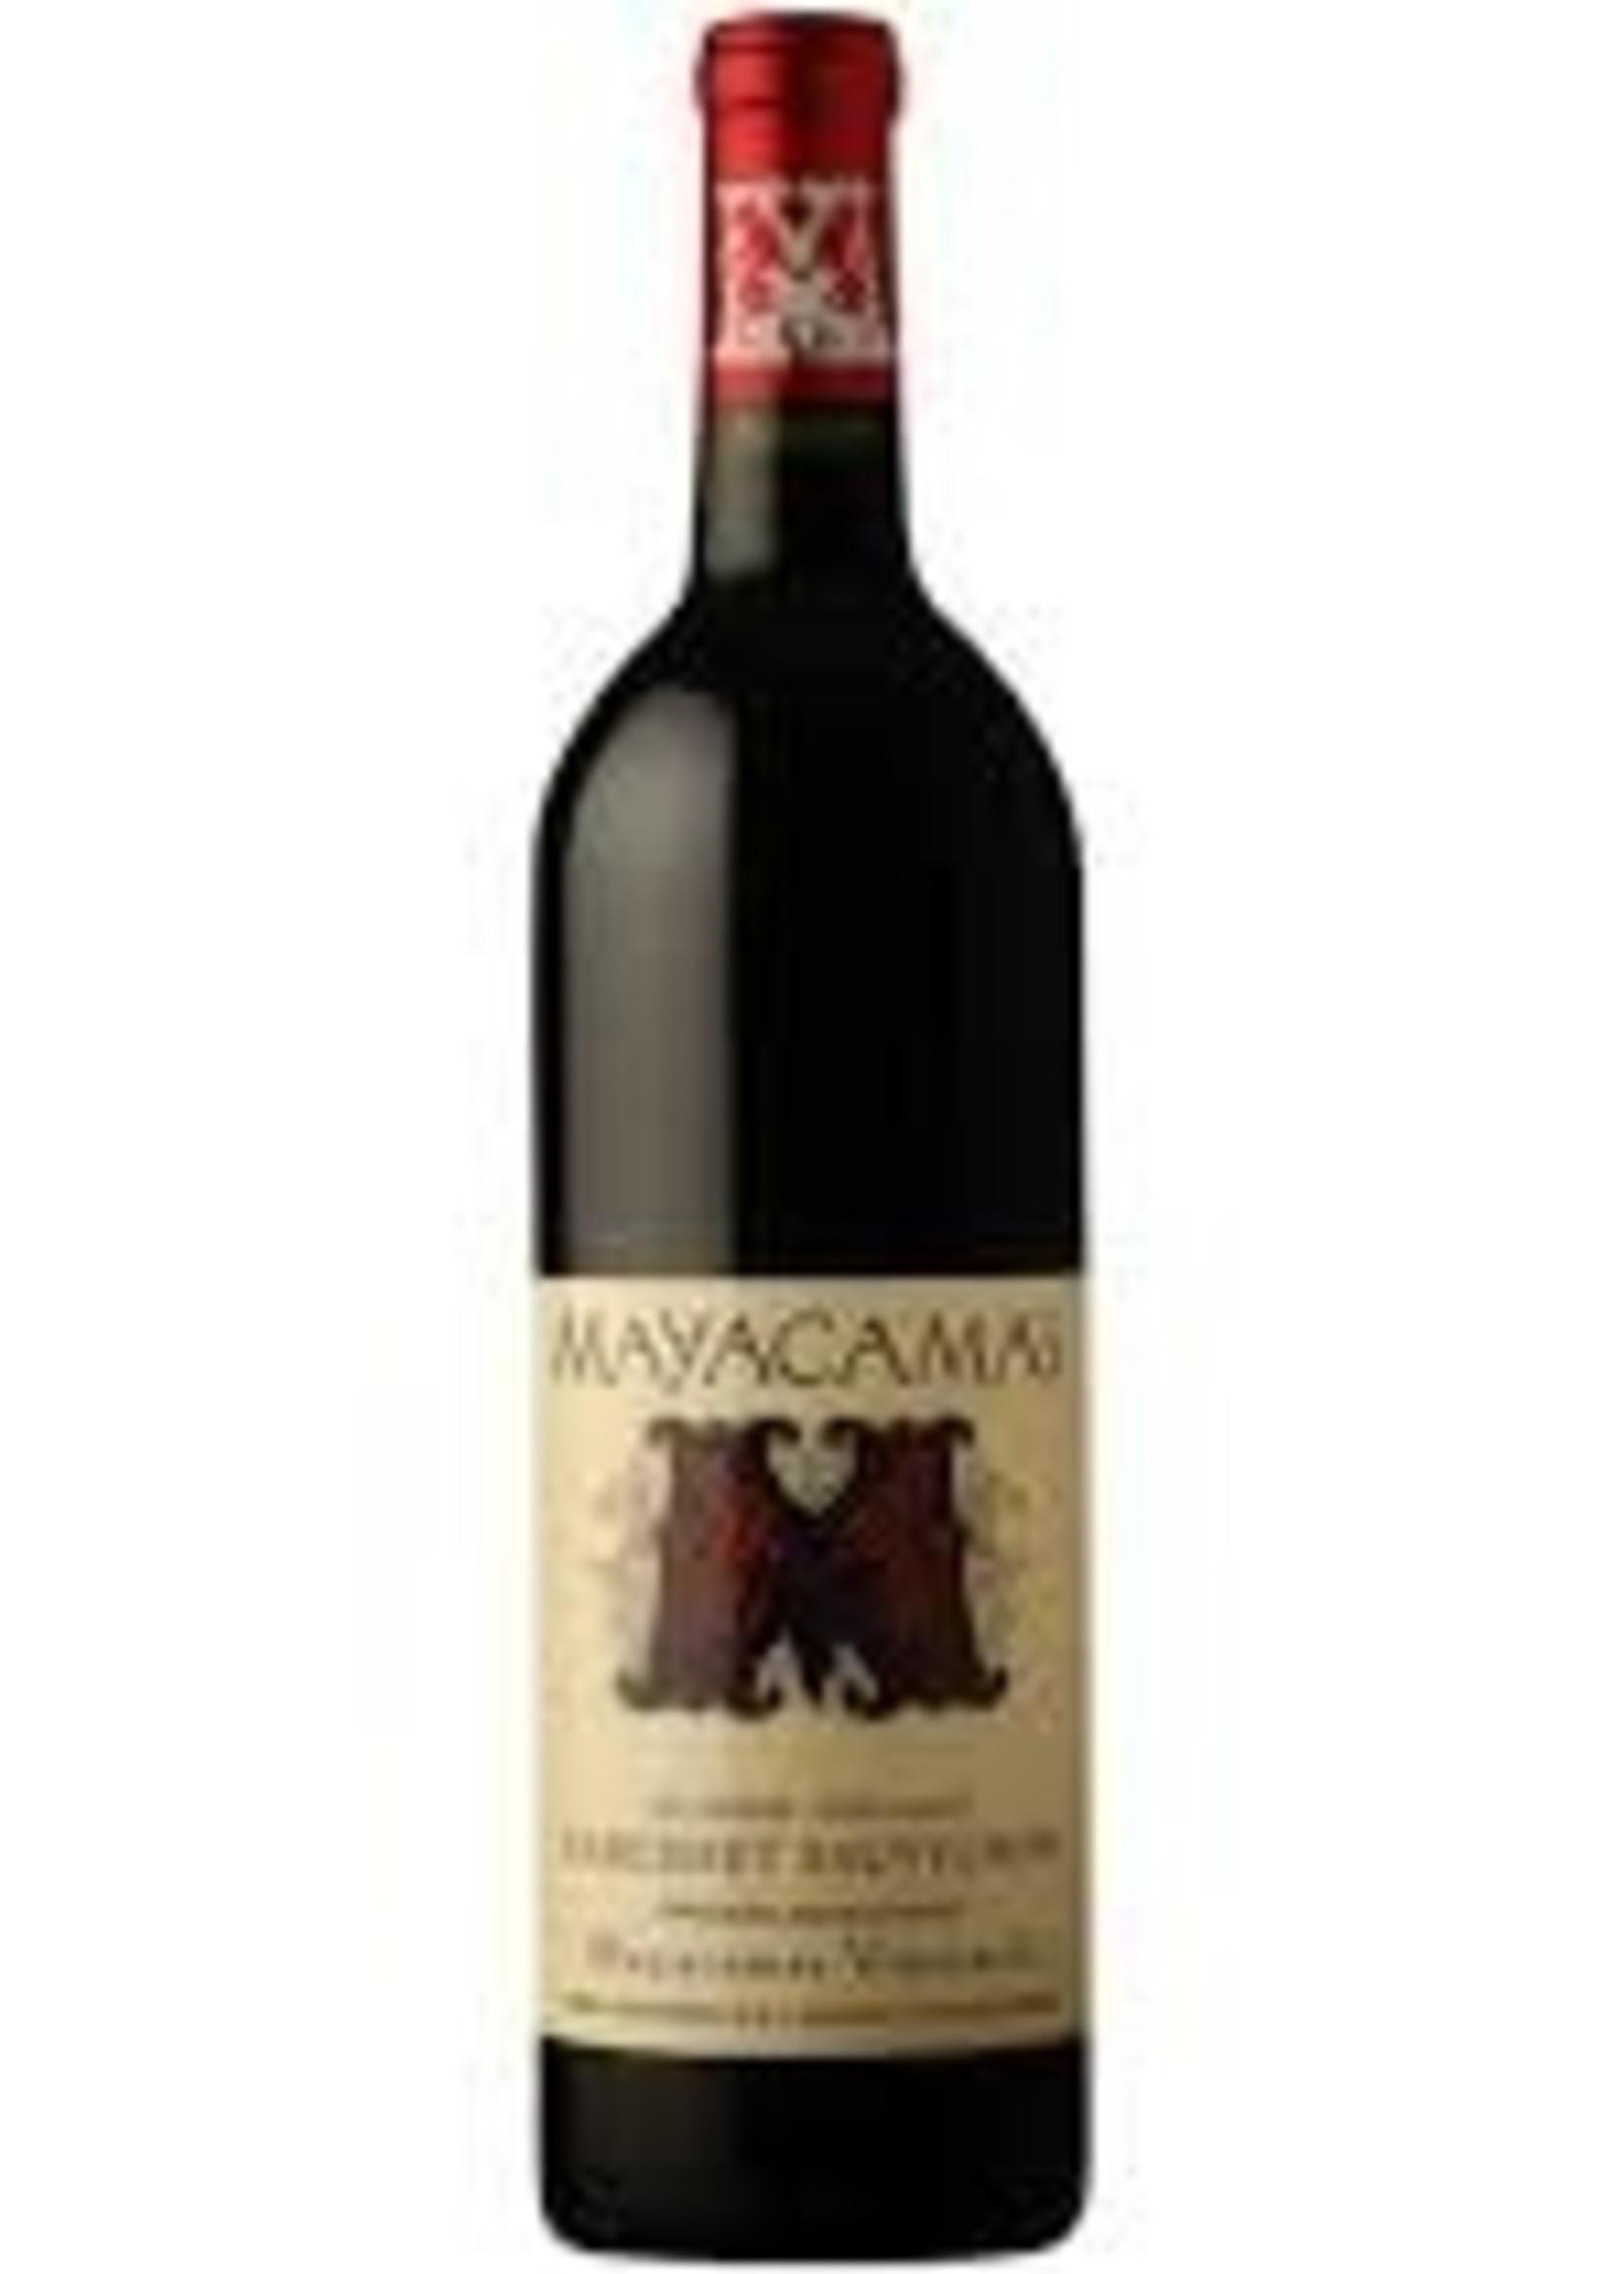 Mayacamas 2014 Cabernet Sauvignon 750ml